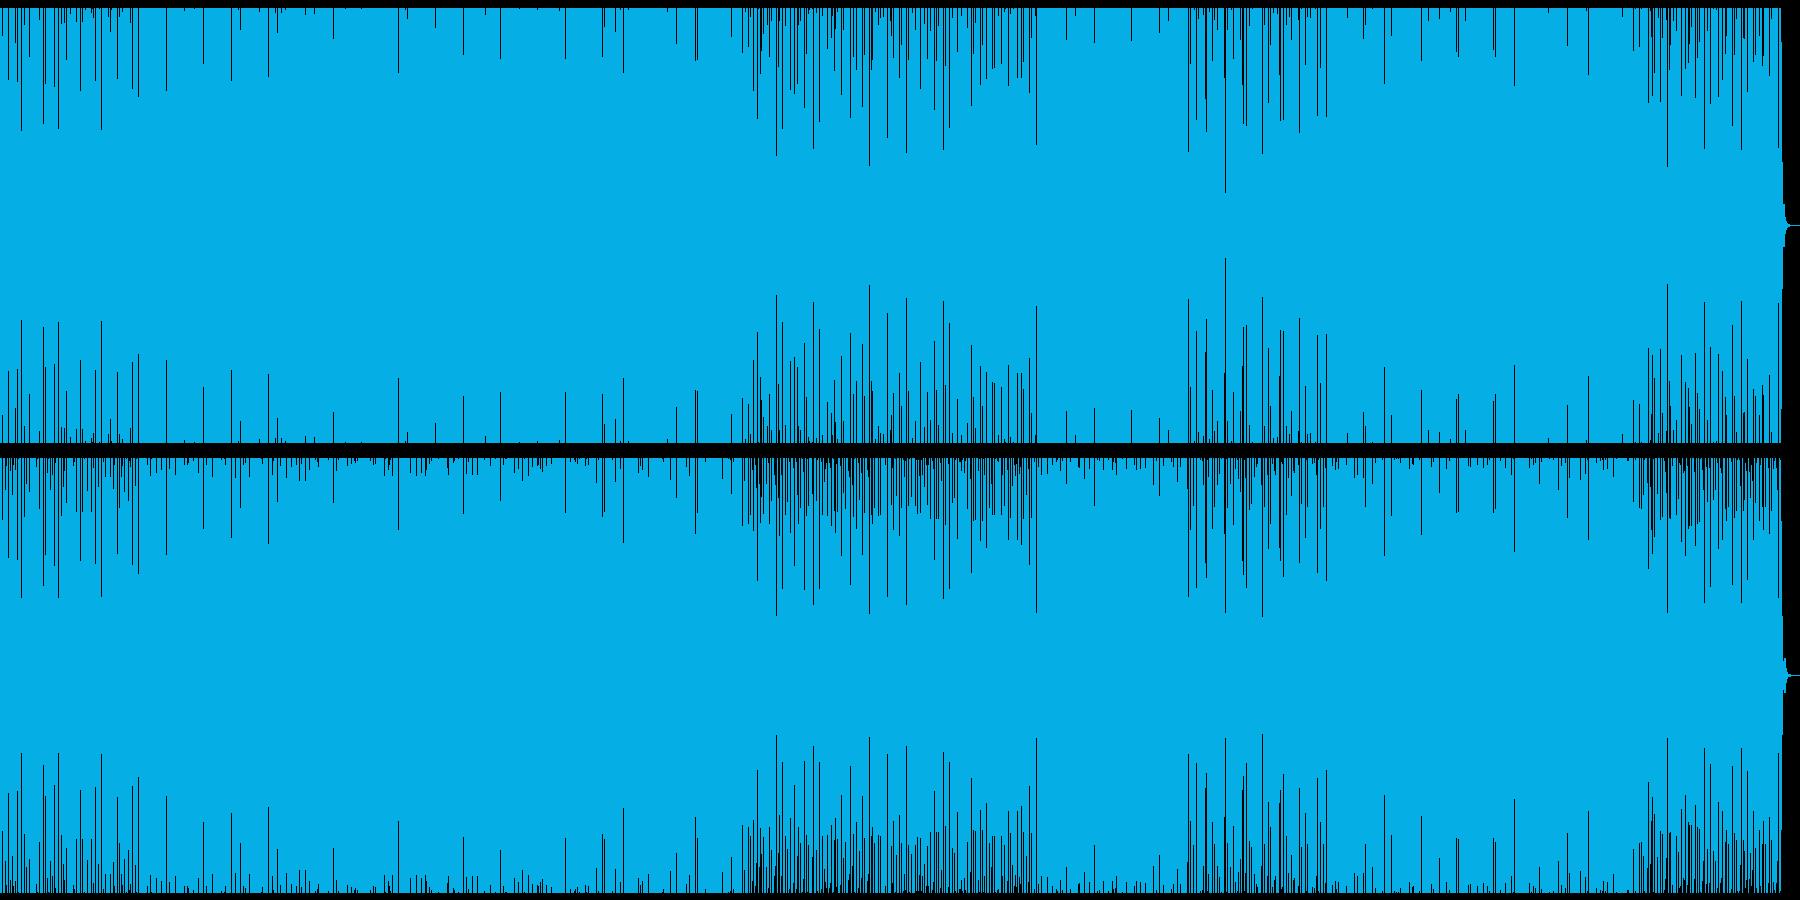 無機質で工業的なベースミュージックの再生済みの波形